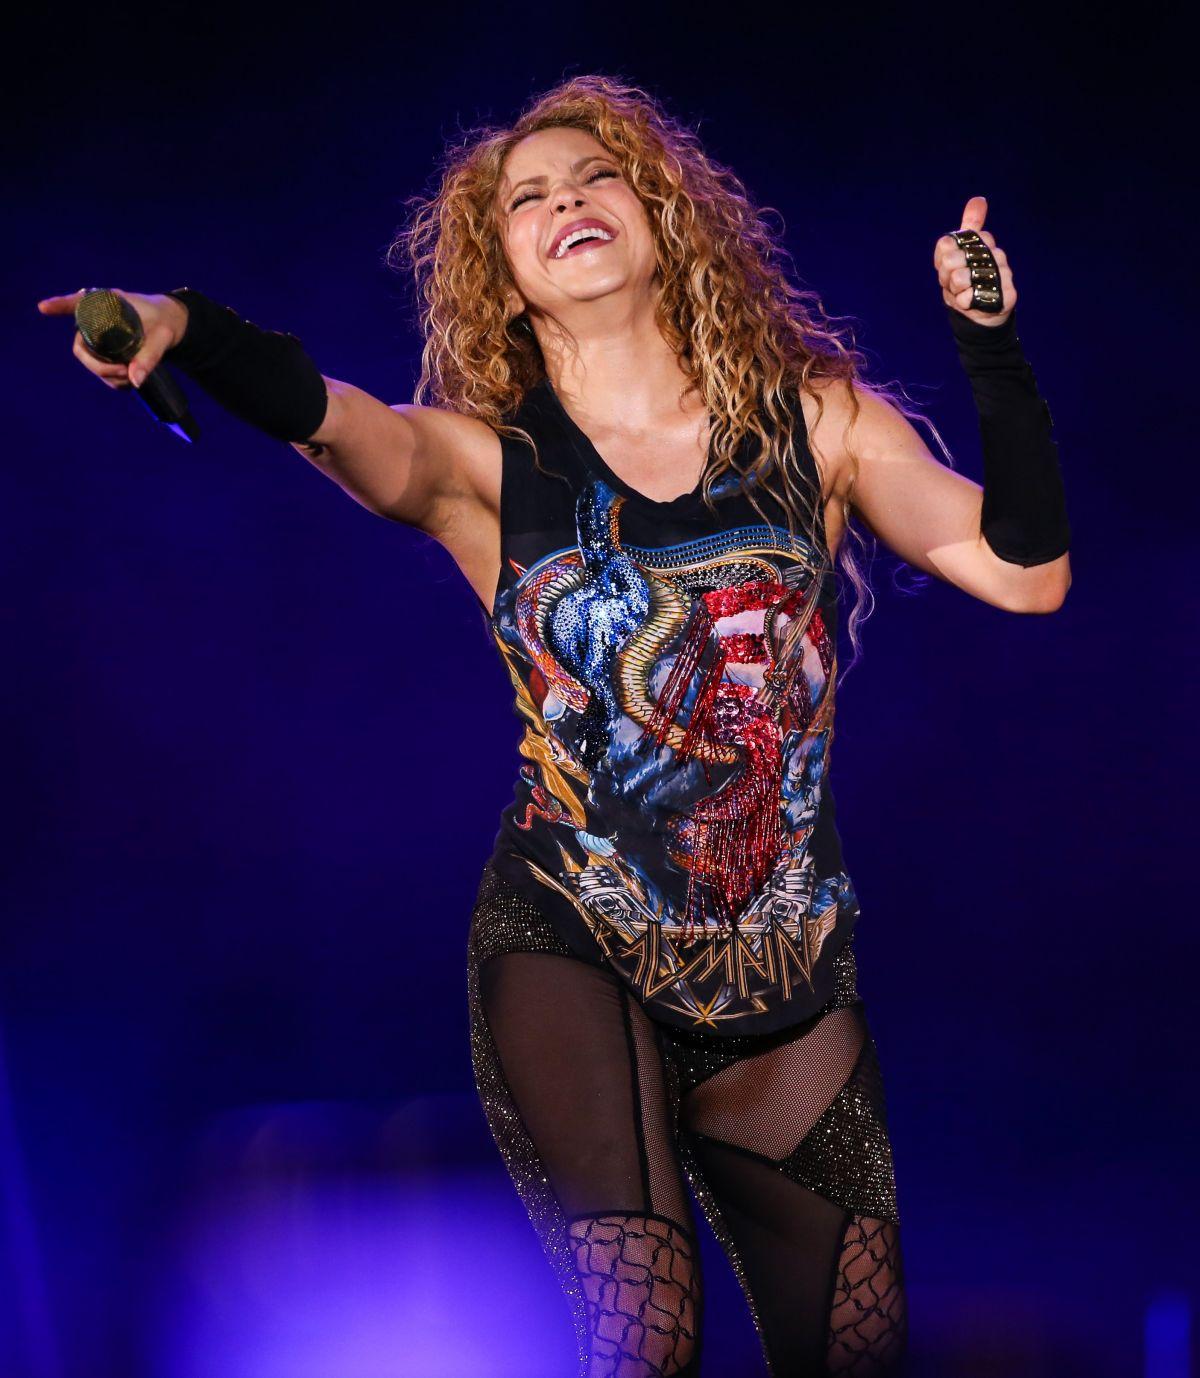 11. Shakira